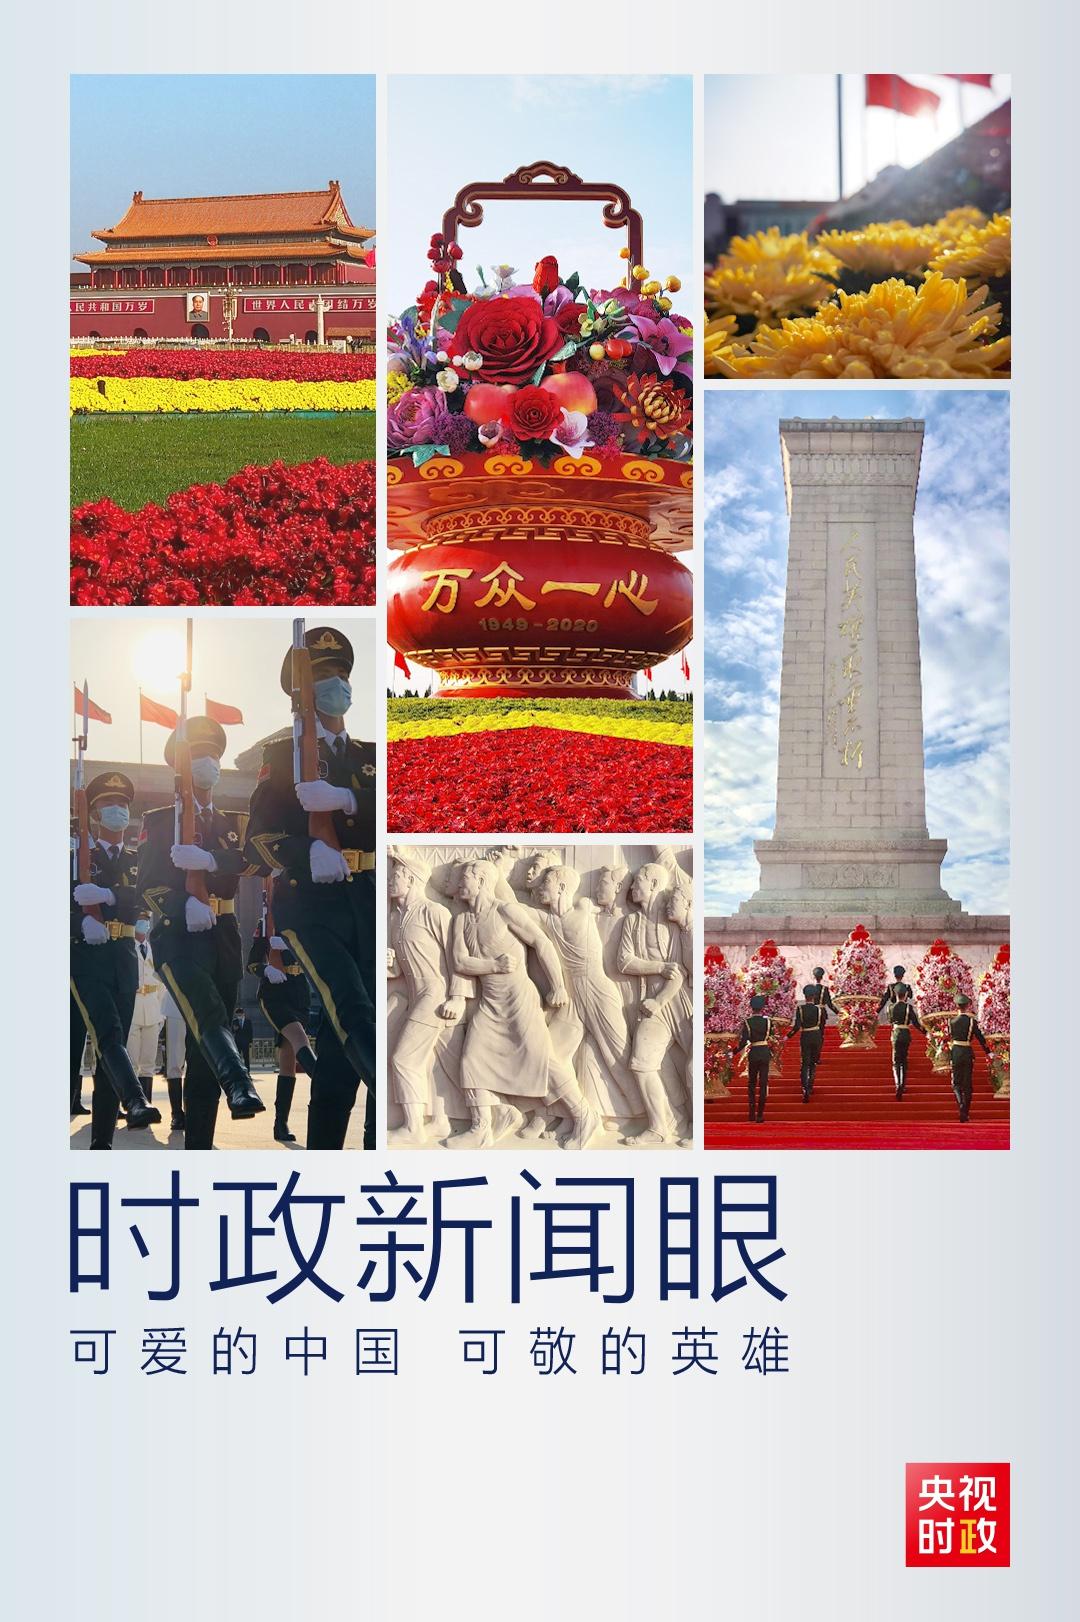 烈士纪念日敬献花篮仪式 有这些特殊之处图片